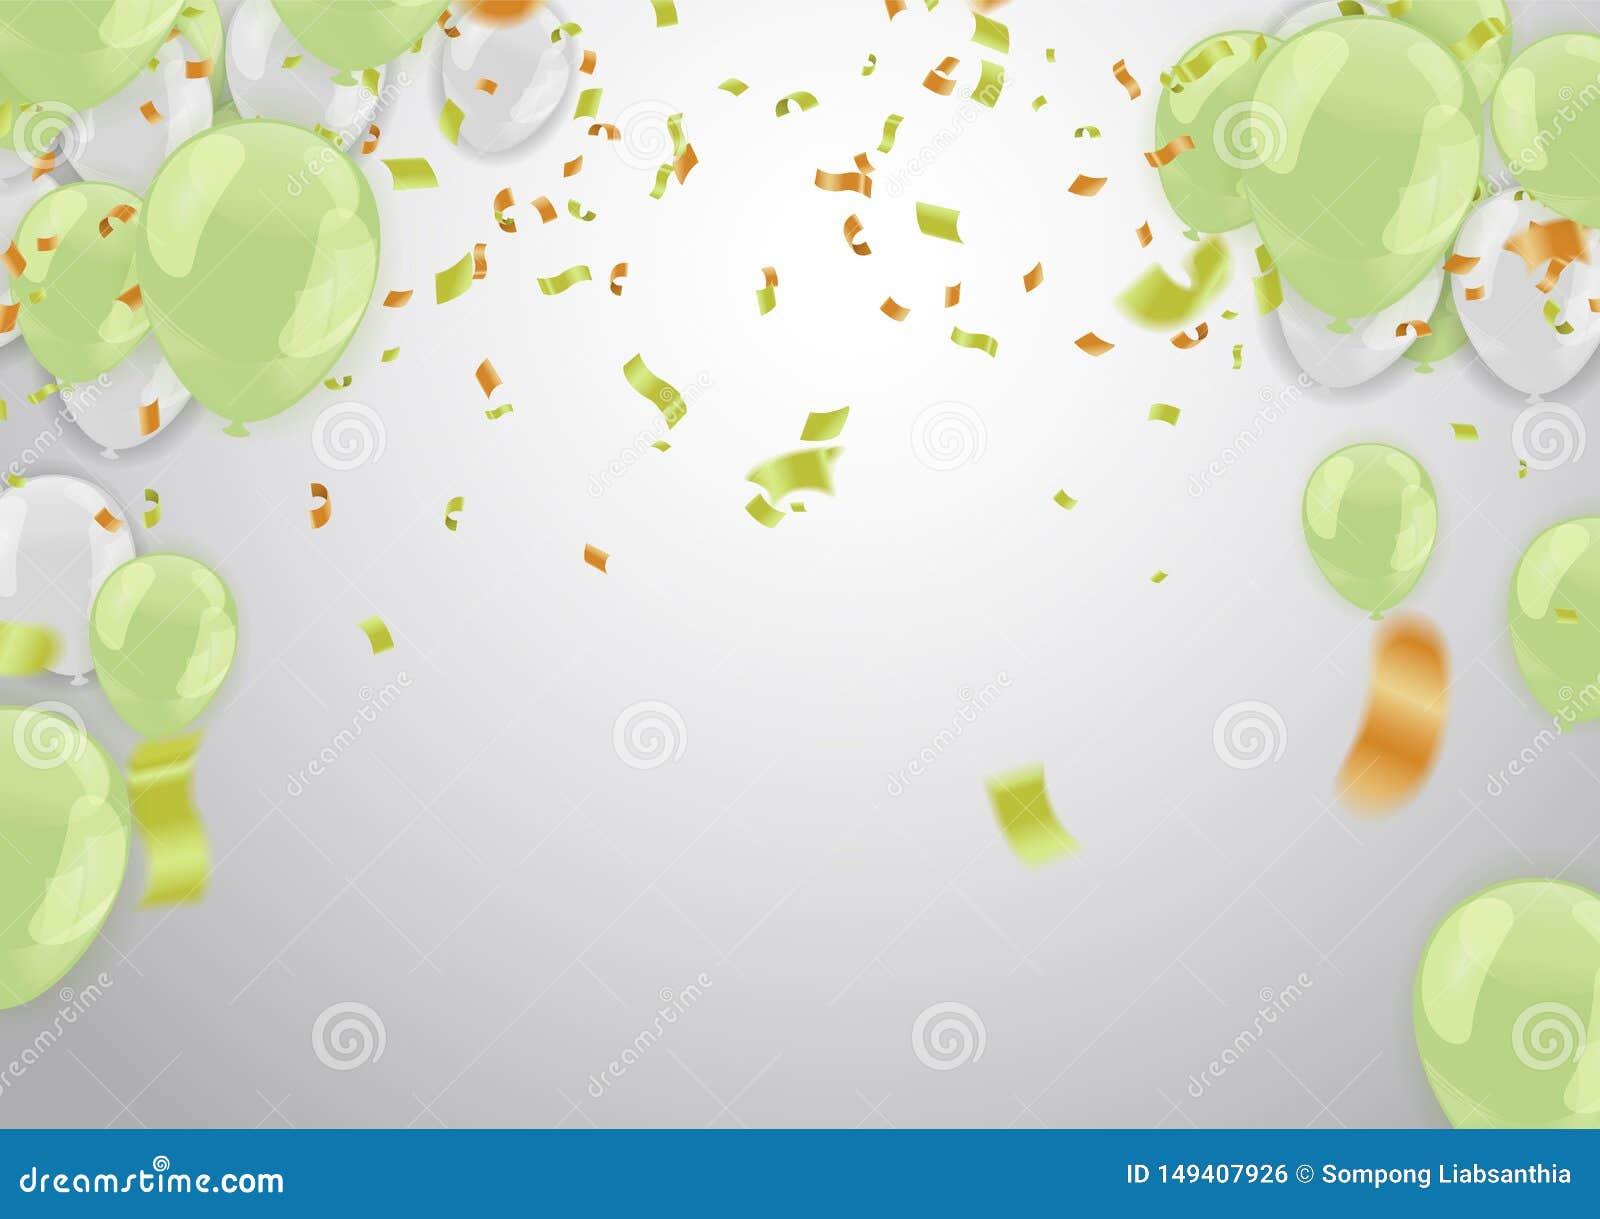 Feiern Sie Fahne Parteiflaggen mit Konfettis Vektorillustrations-Designschablone Gl?cklicher Feiertag des Fallens gl?nzend